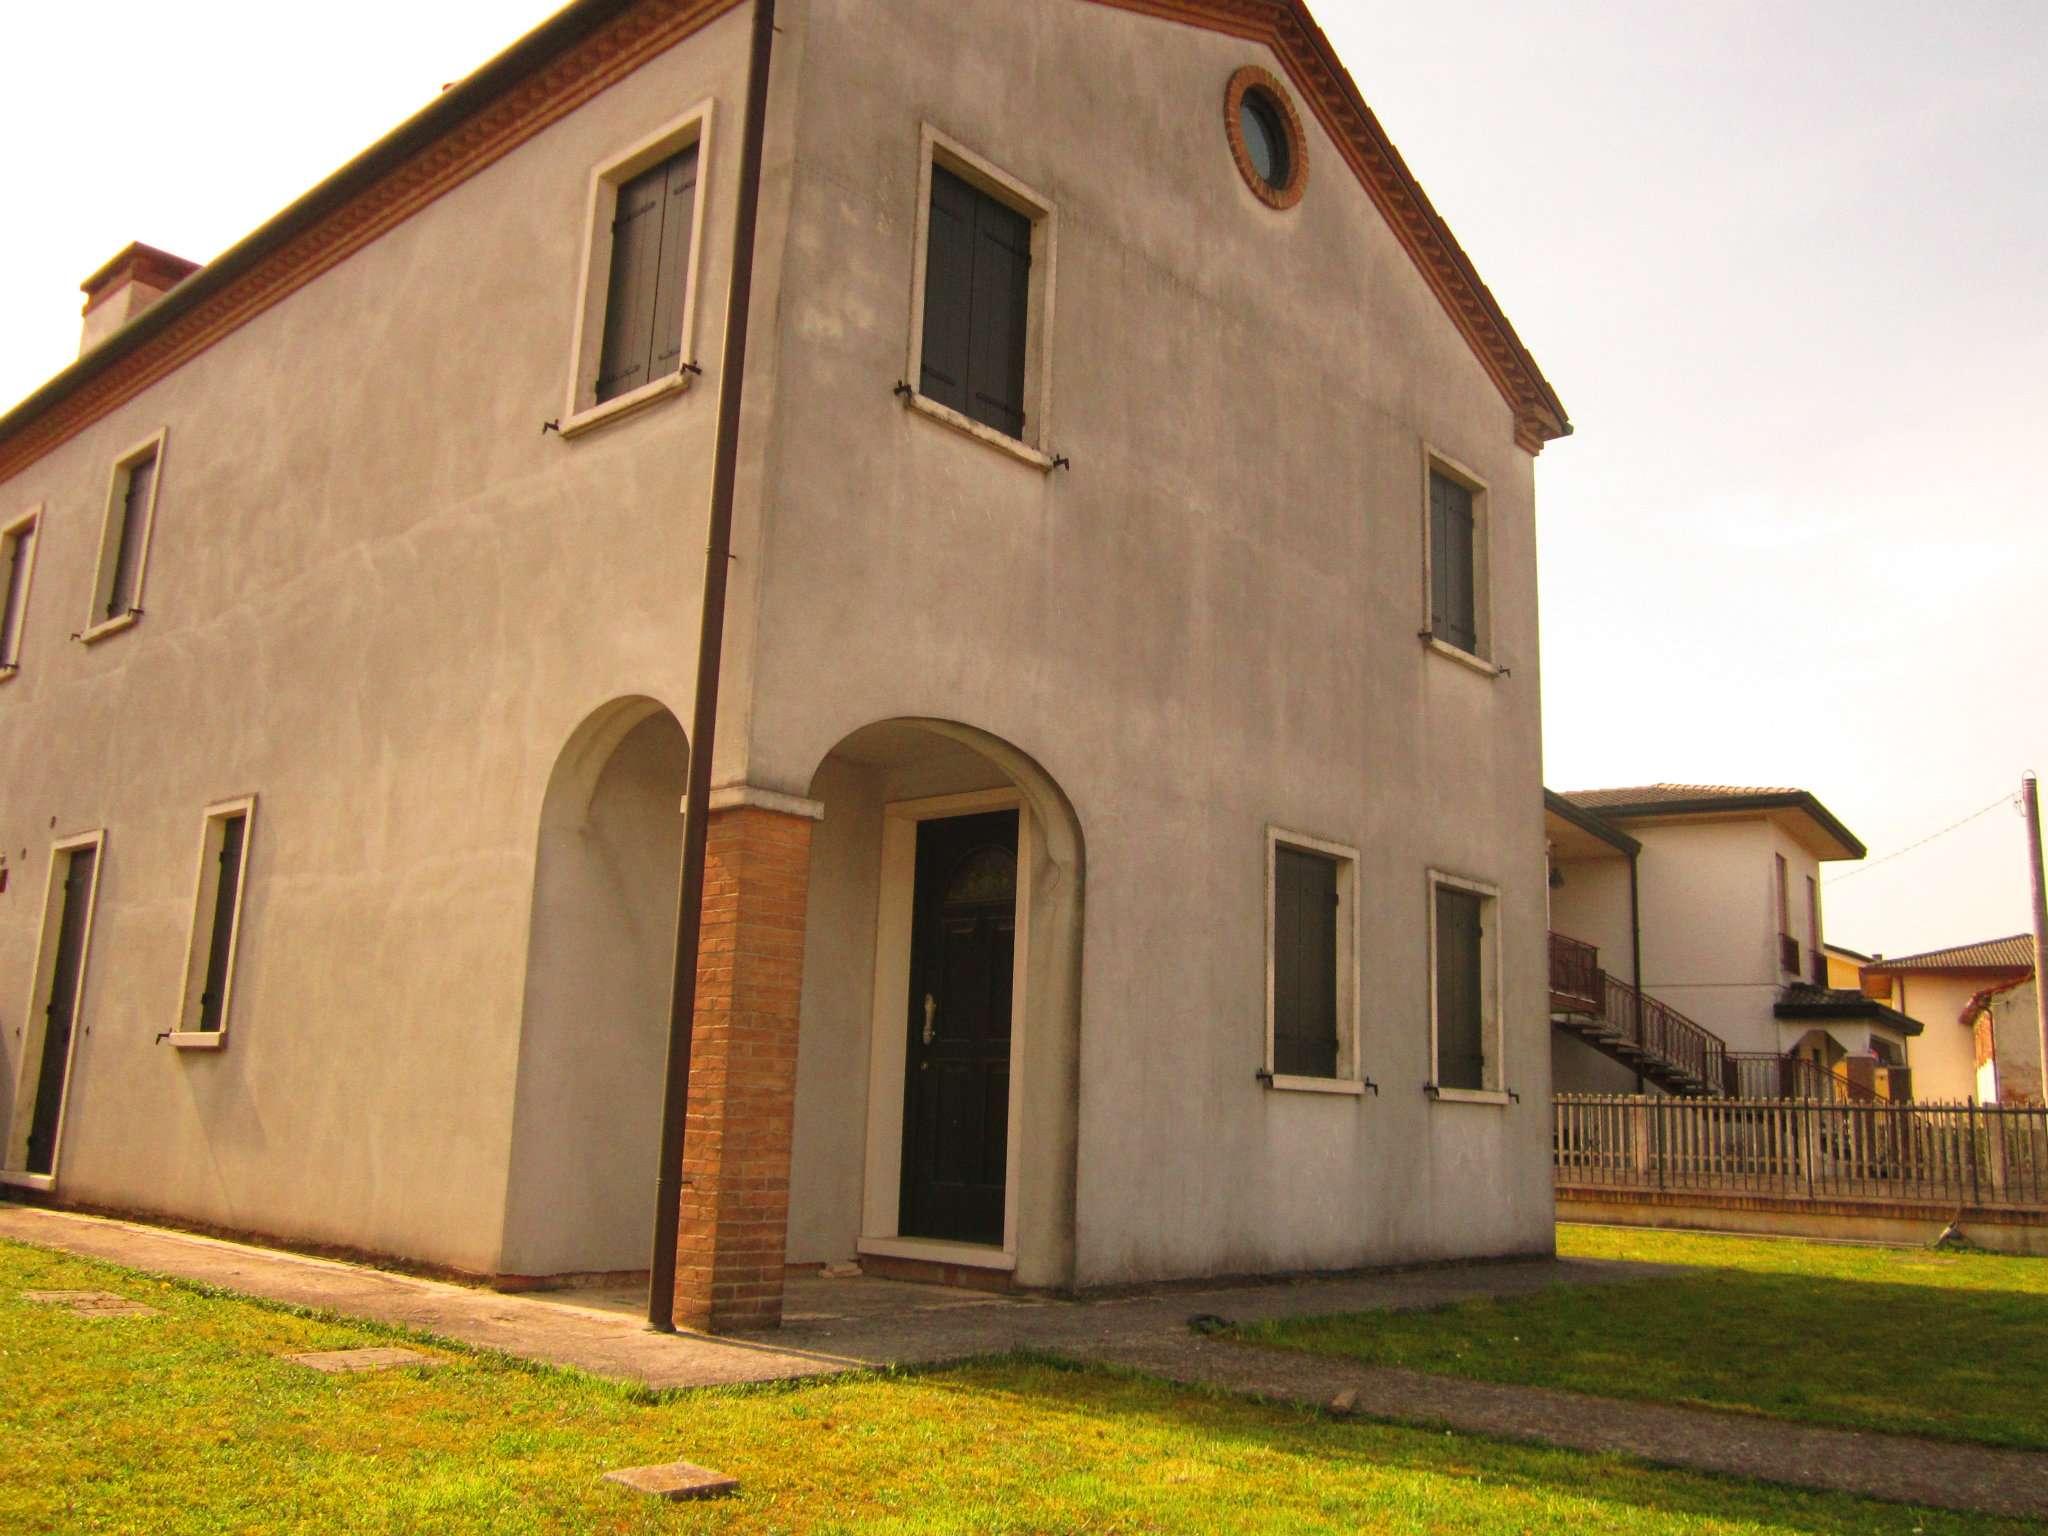 Soluzione Indipendente in vendita a Camponogara, 5 locali, prezzo € 115.000 | Cambio Casa.it